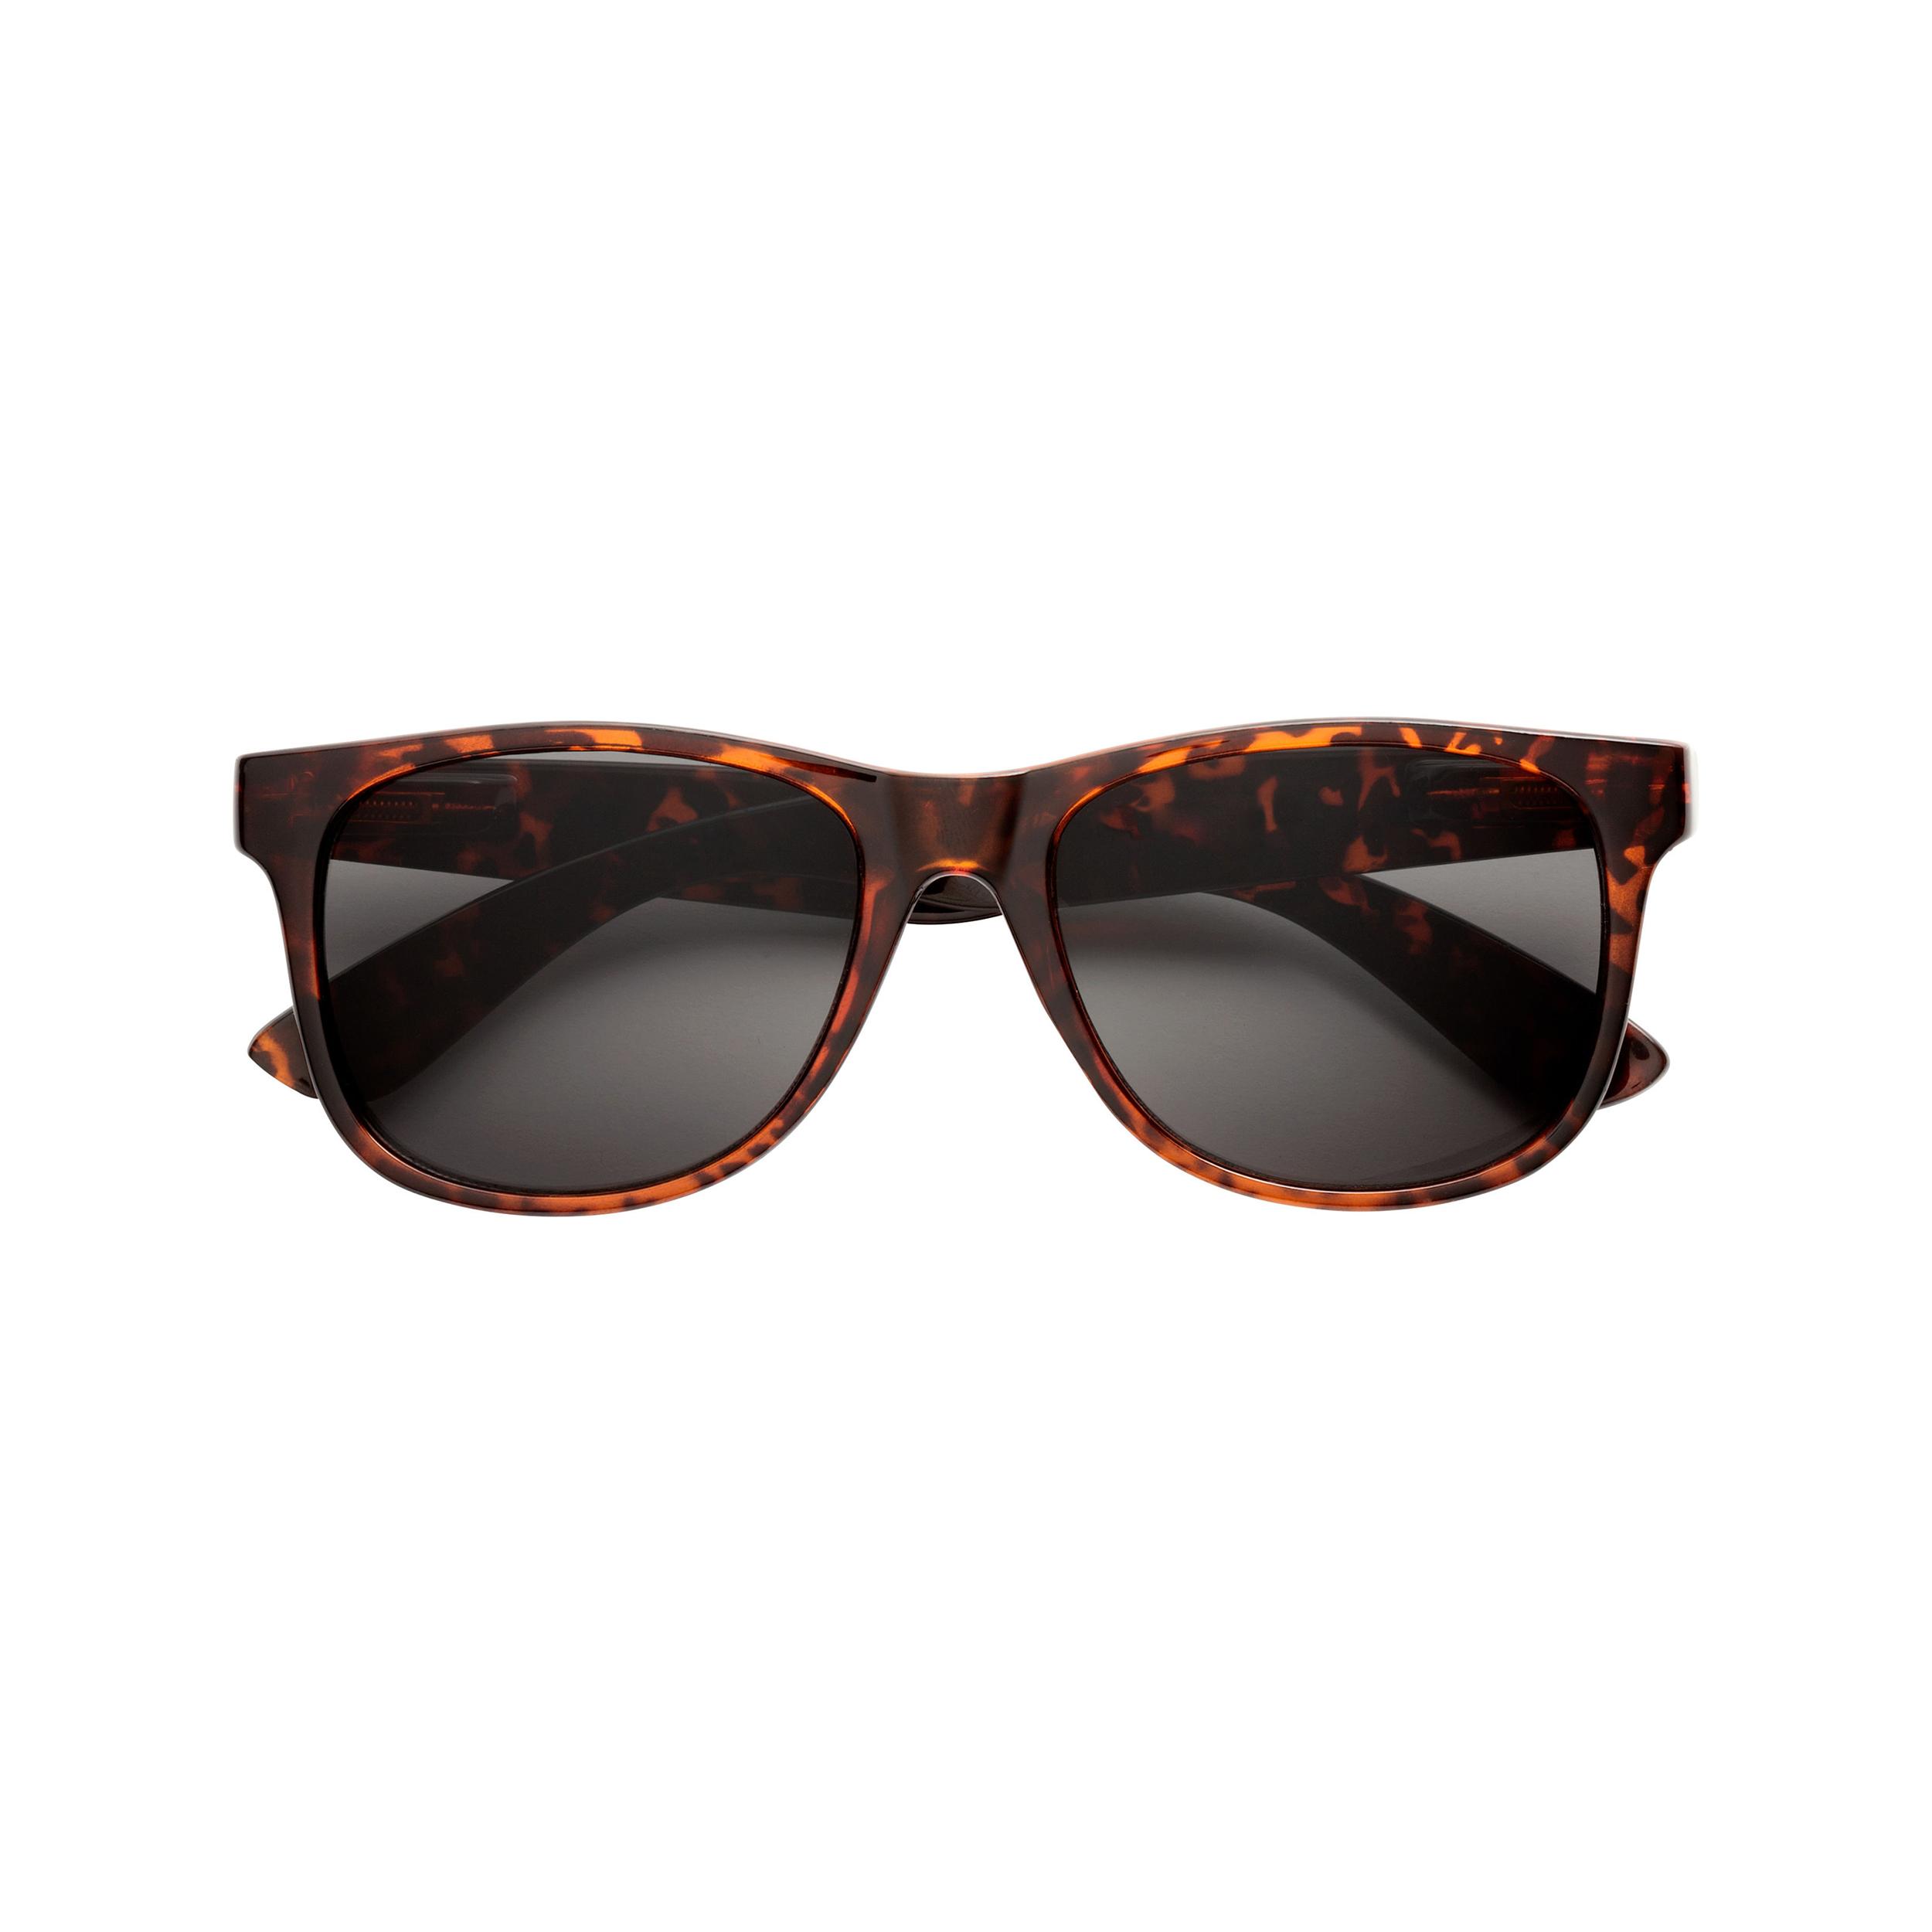 عینک آفتابی زنانه اچ اند ام مدل 0384683001